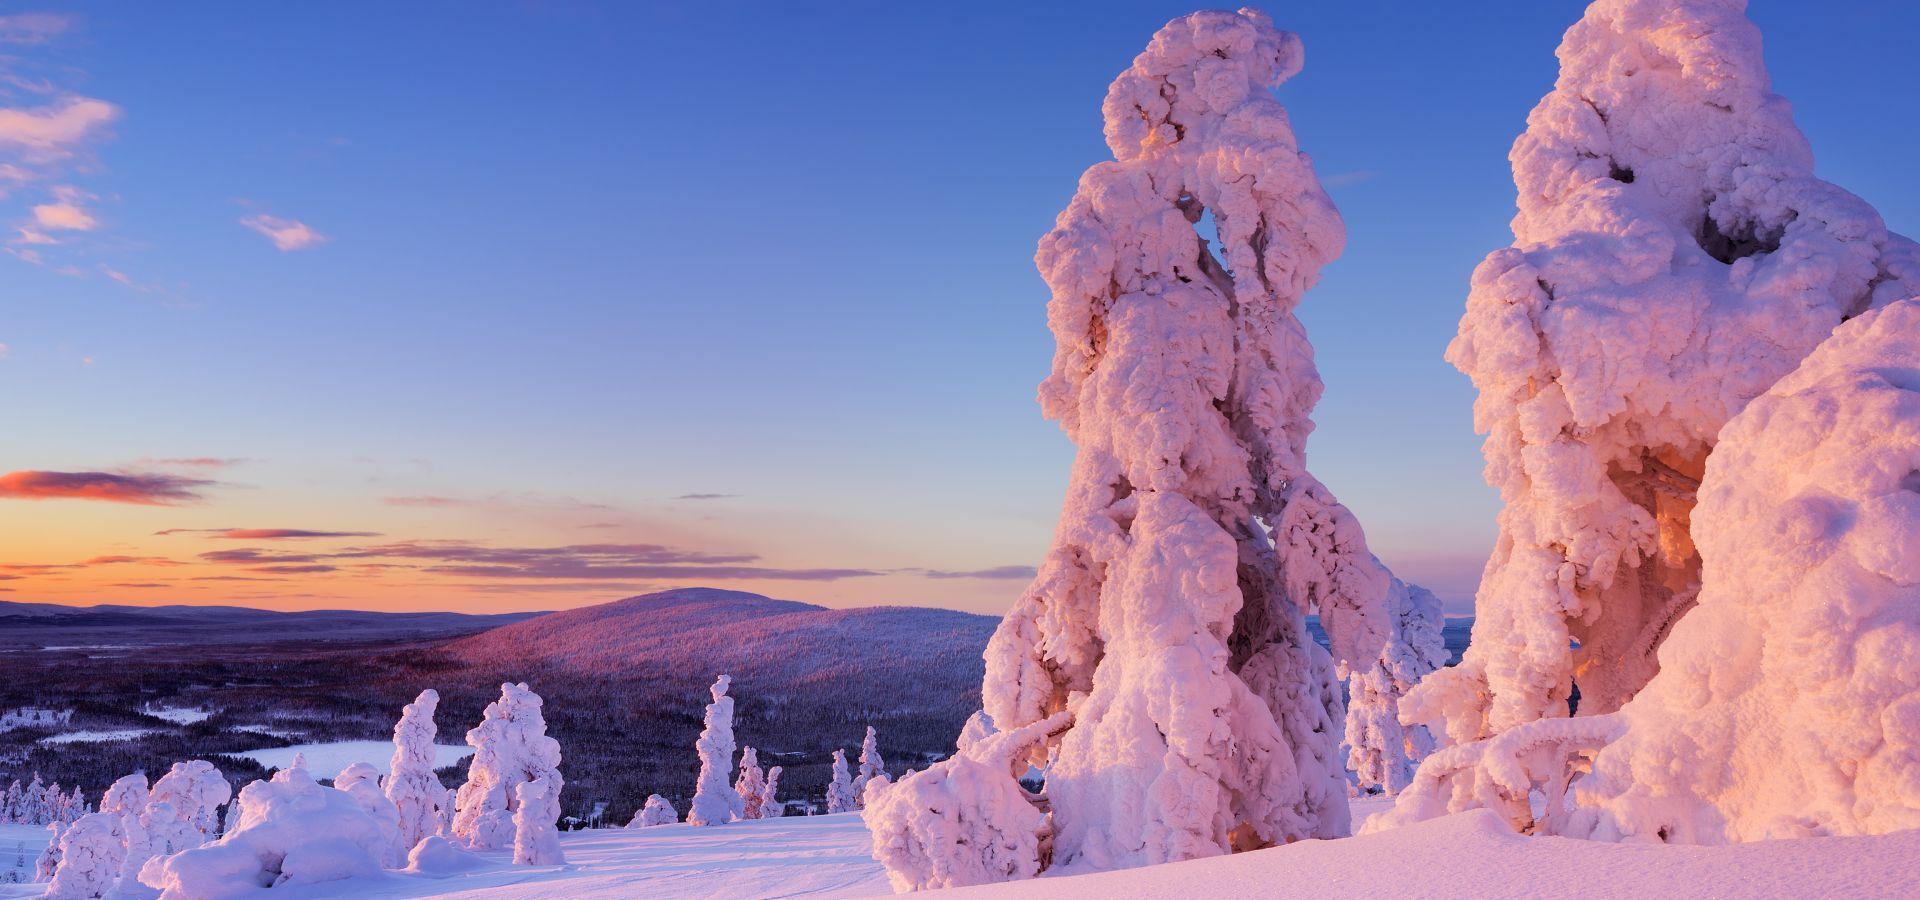 Värikäs auringonnousu lumisessa maisemassa levitunturilla